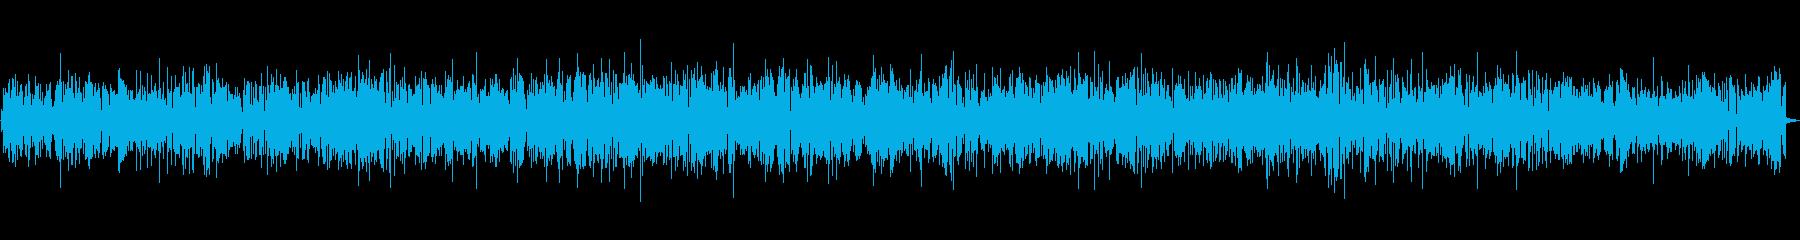 爽快なリズムが魅力的なジャズBGMの再生済みの波形